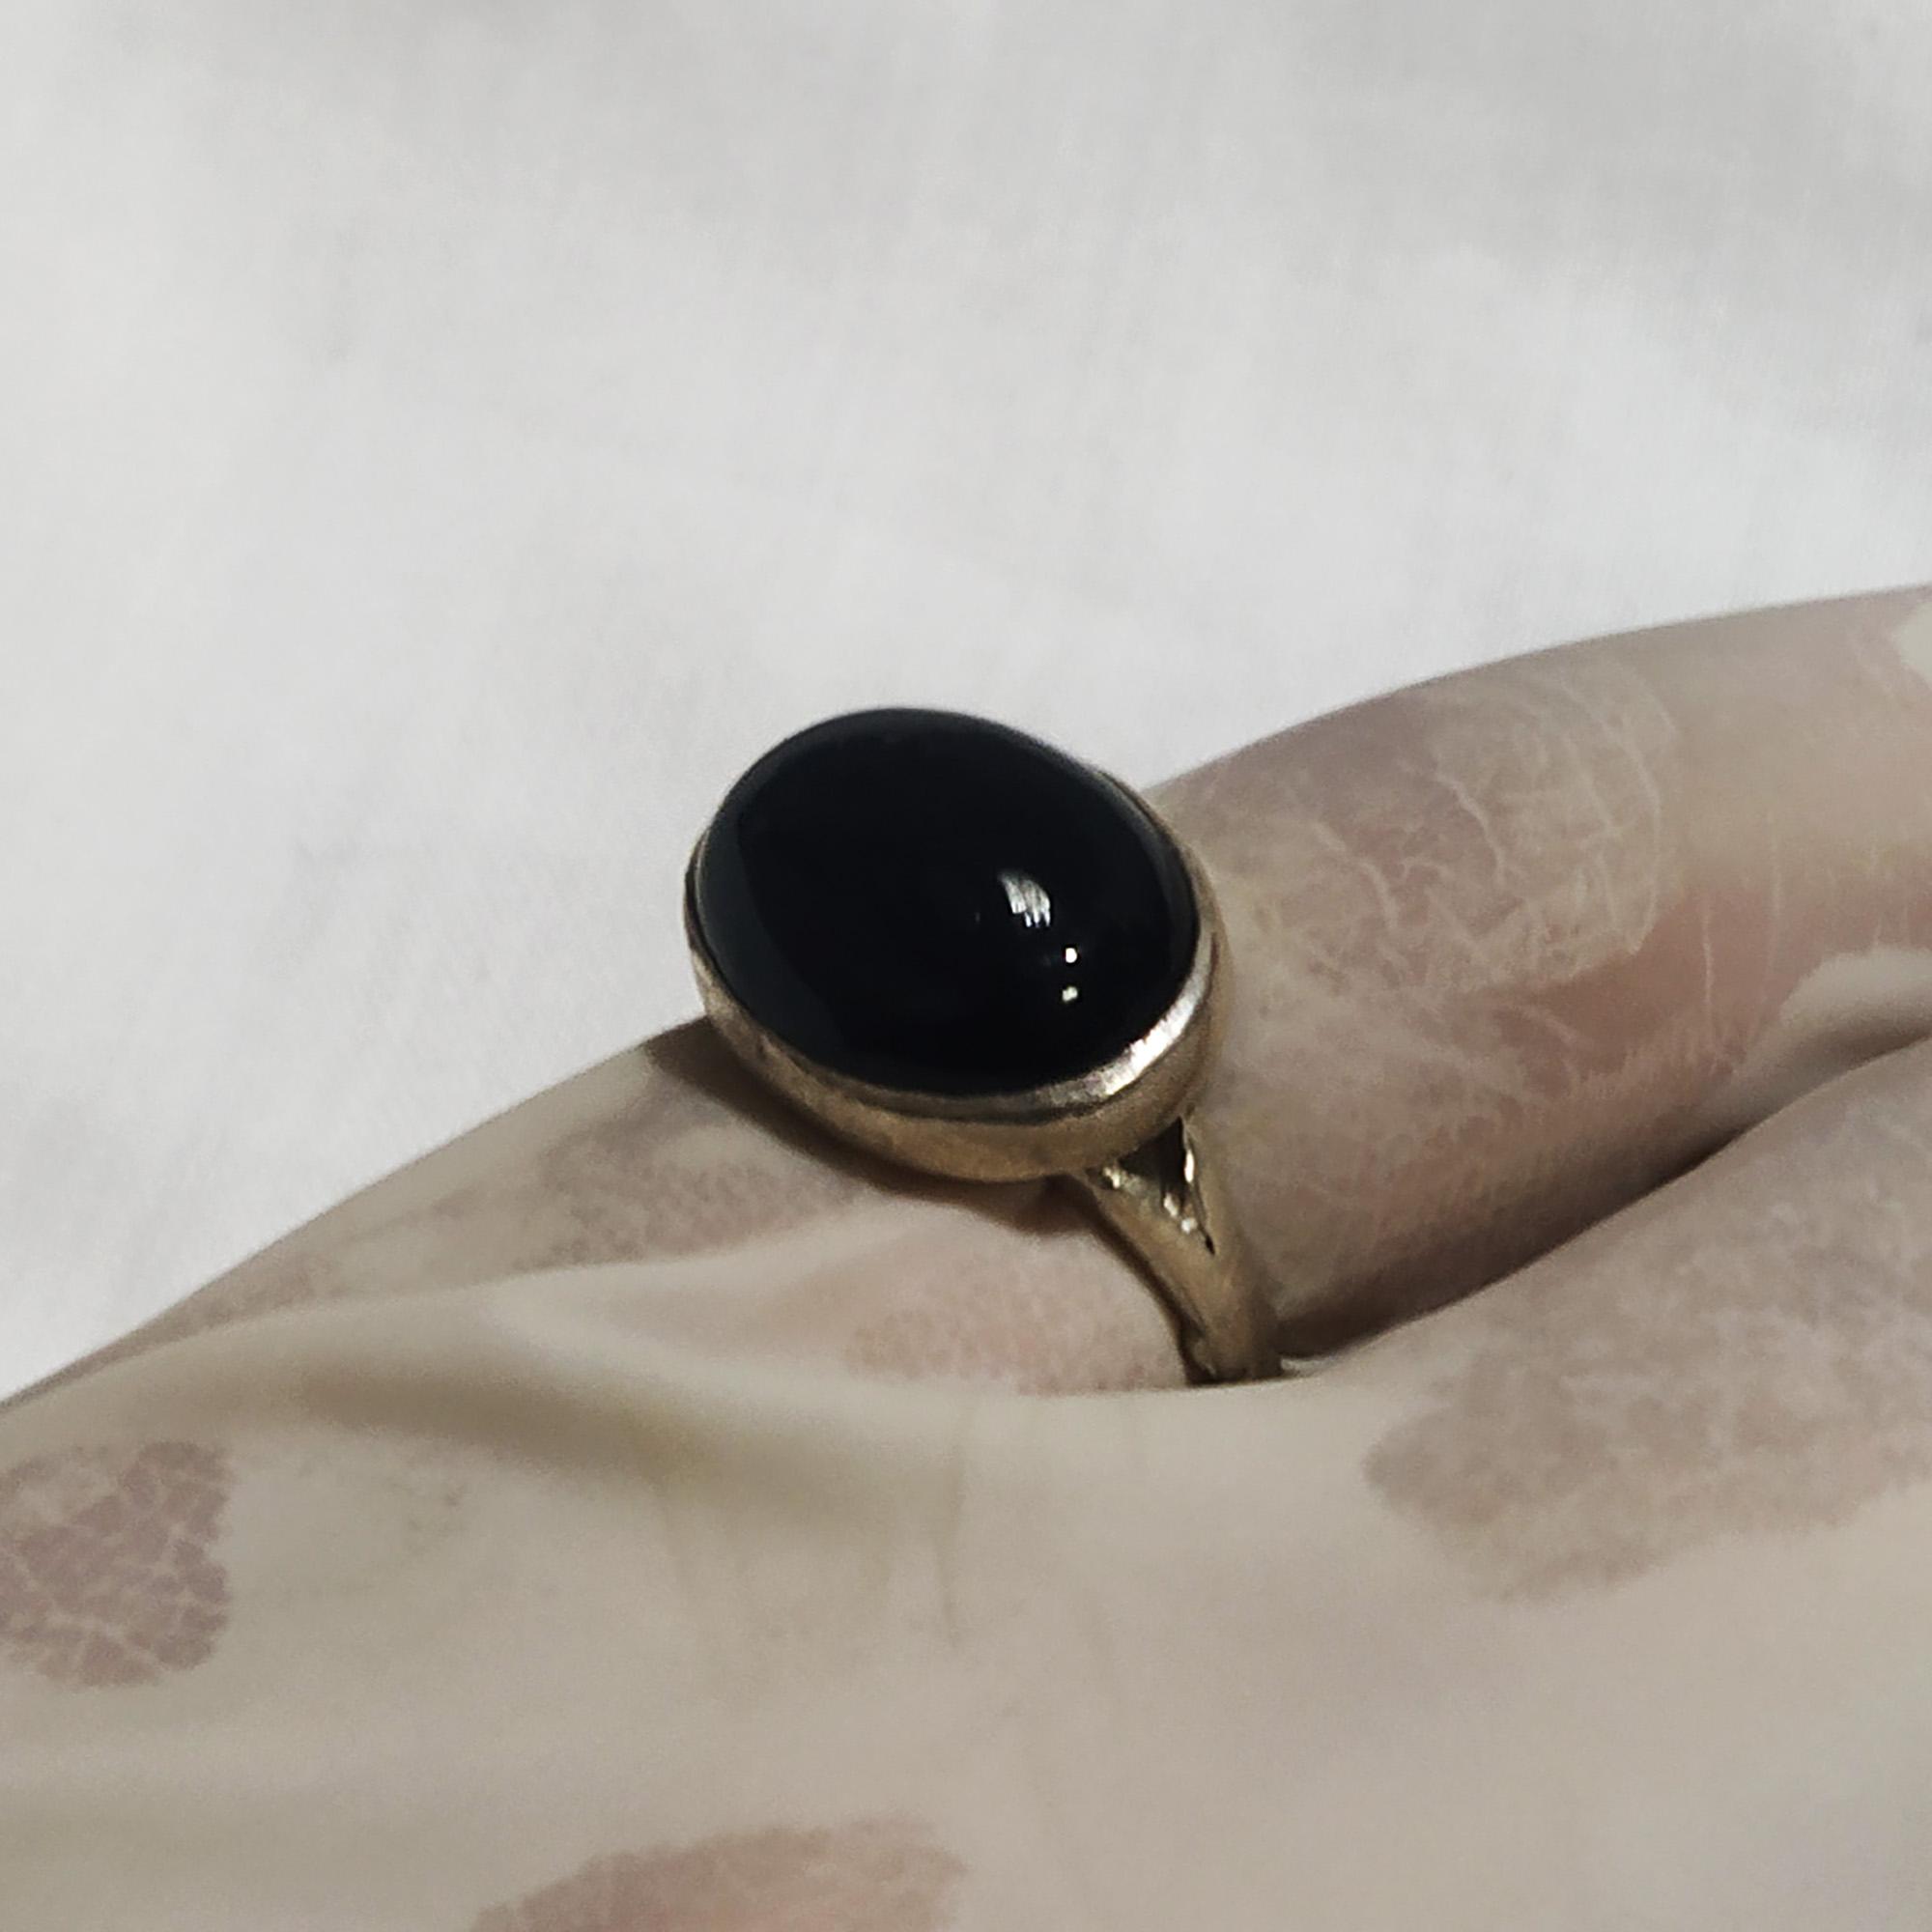 انگشتر نقره مردانه سلین کالا مدل عقیق ce-As80